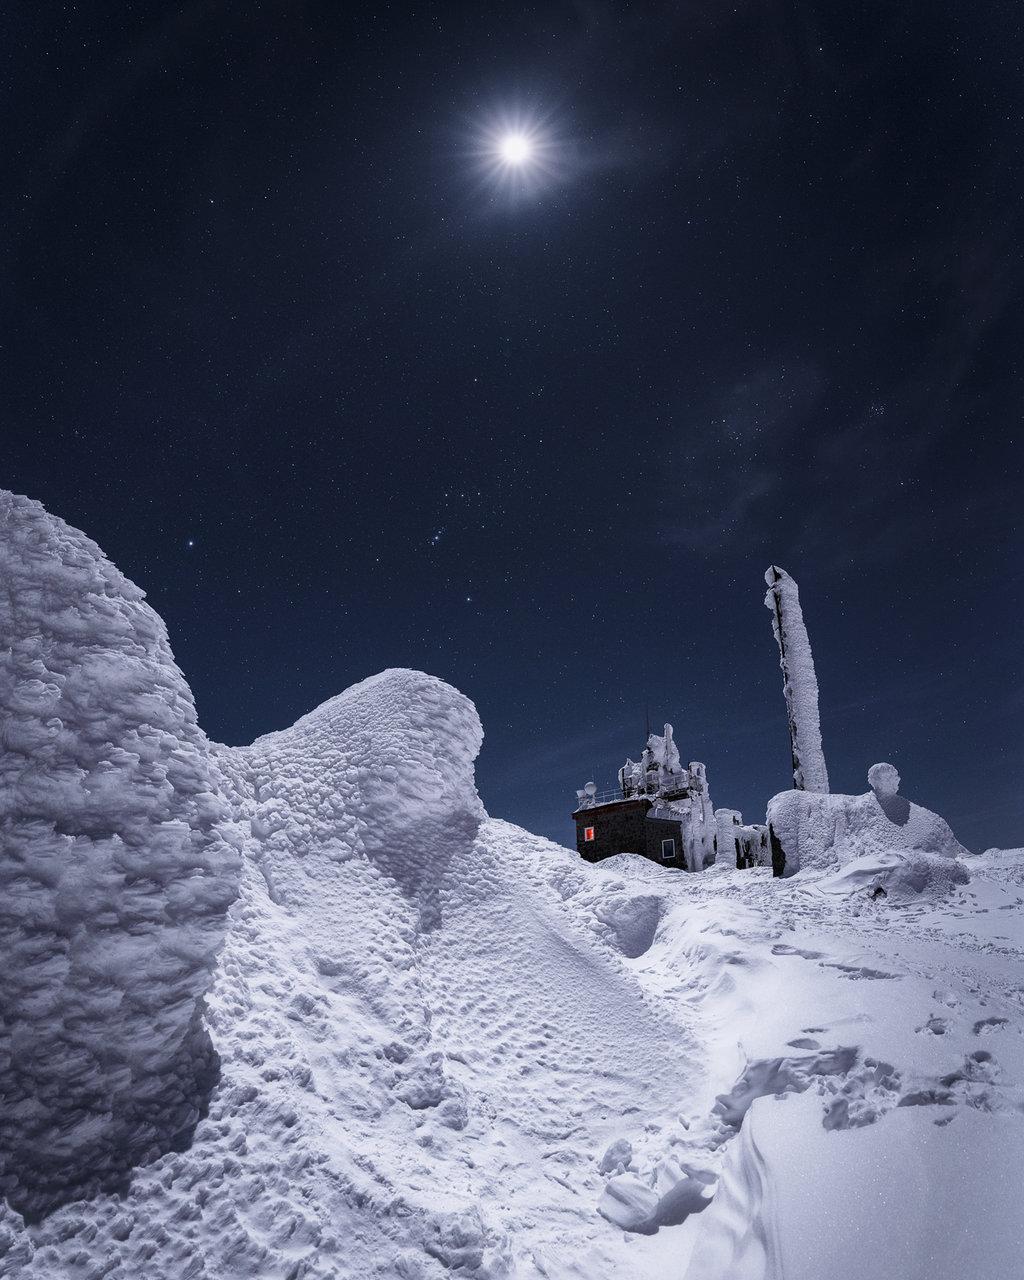 Черни връх, в компанията на Луната, Орион, Сириус и Плеядите | Author Mihail Minkov - takama | PHOTO FORUM